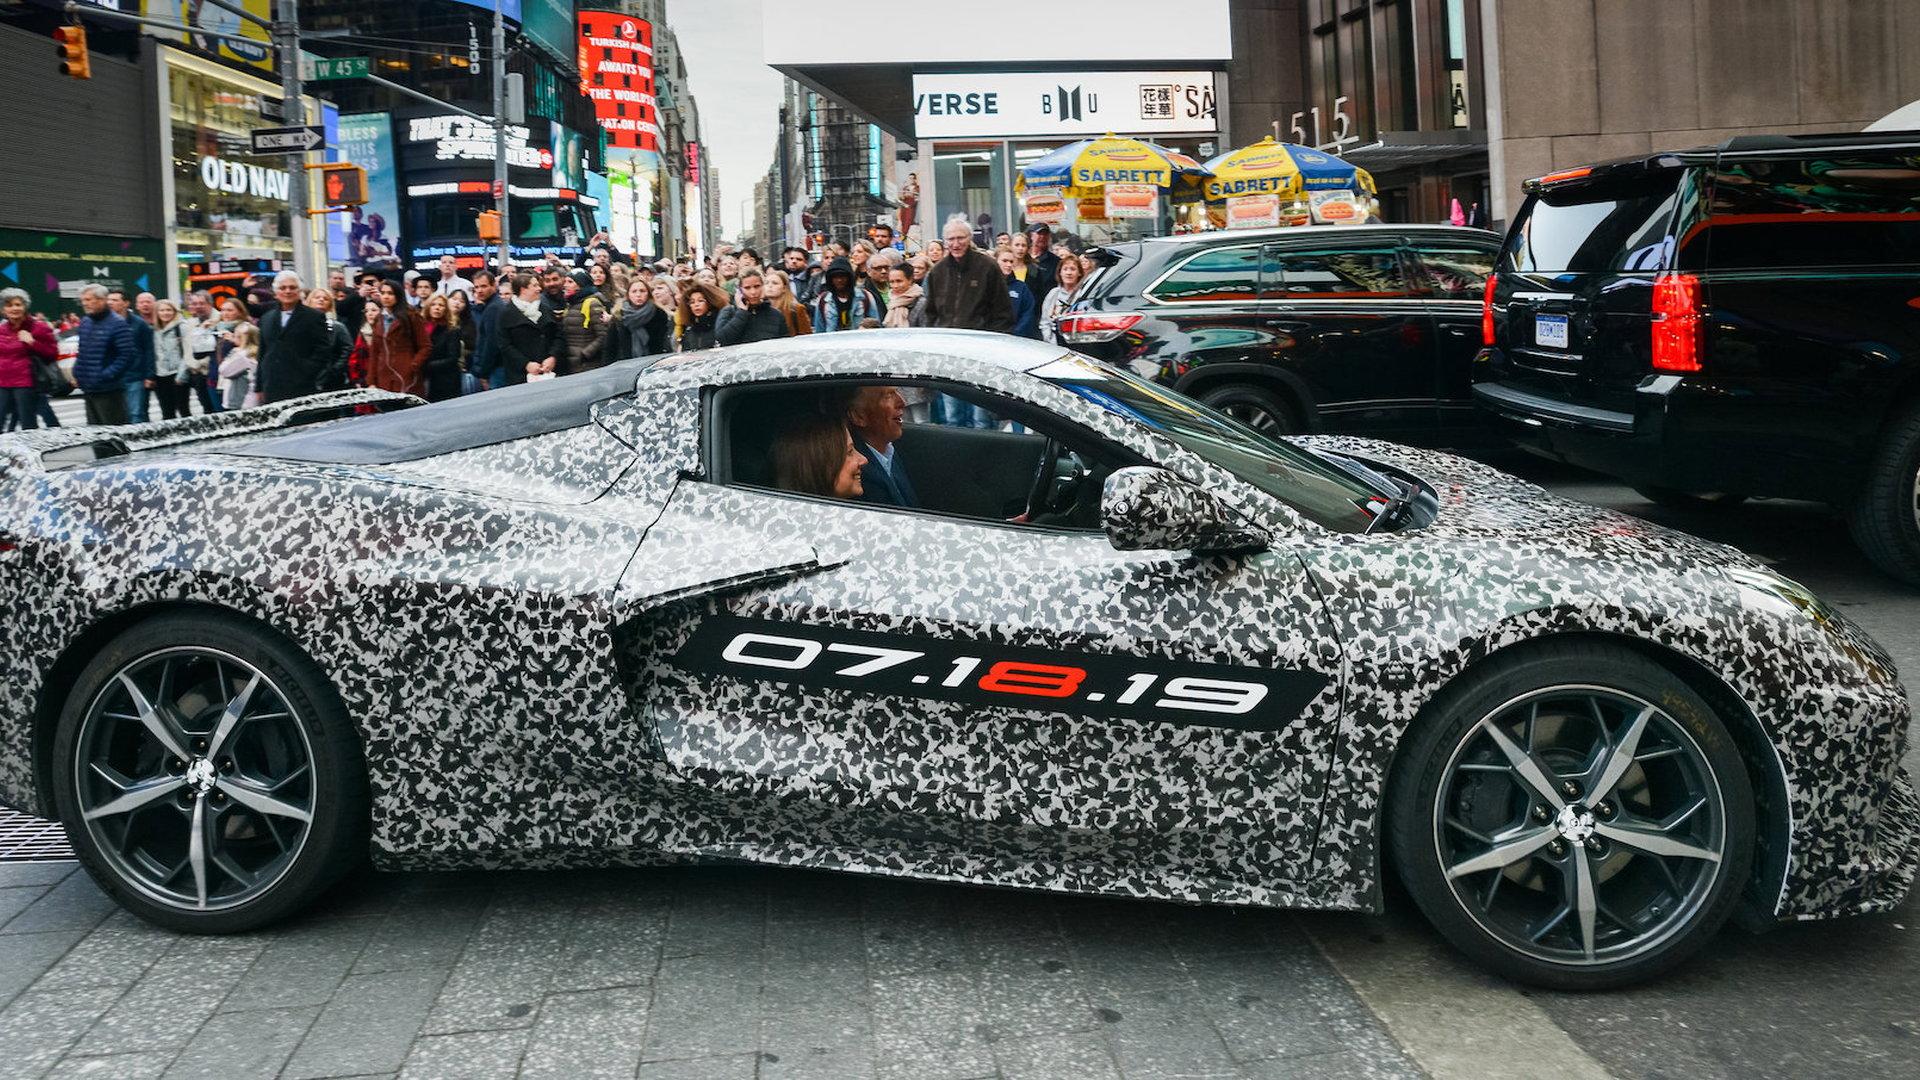 c8 corvette reveal event